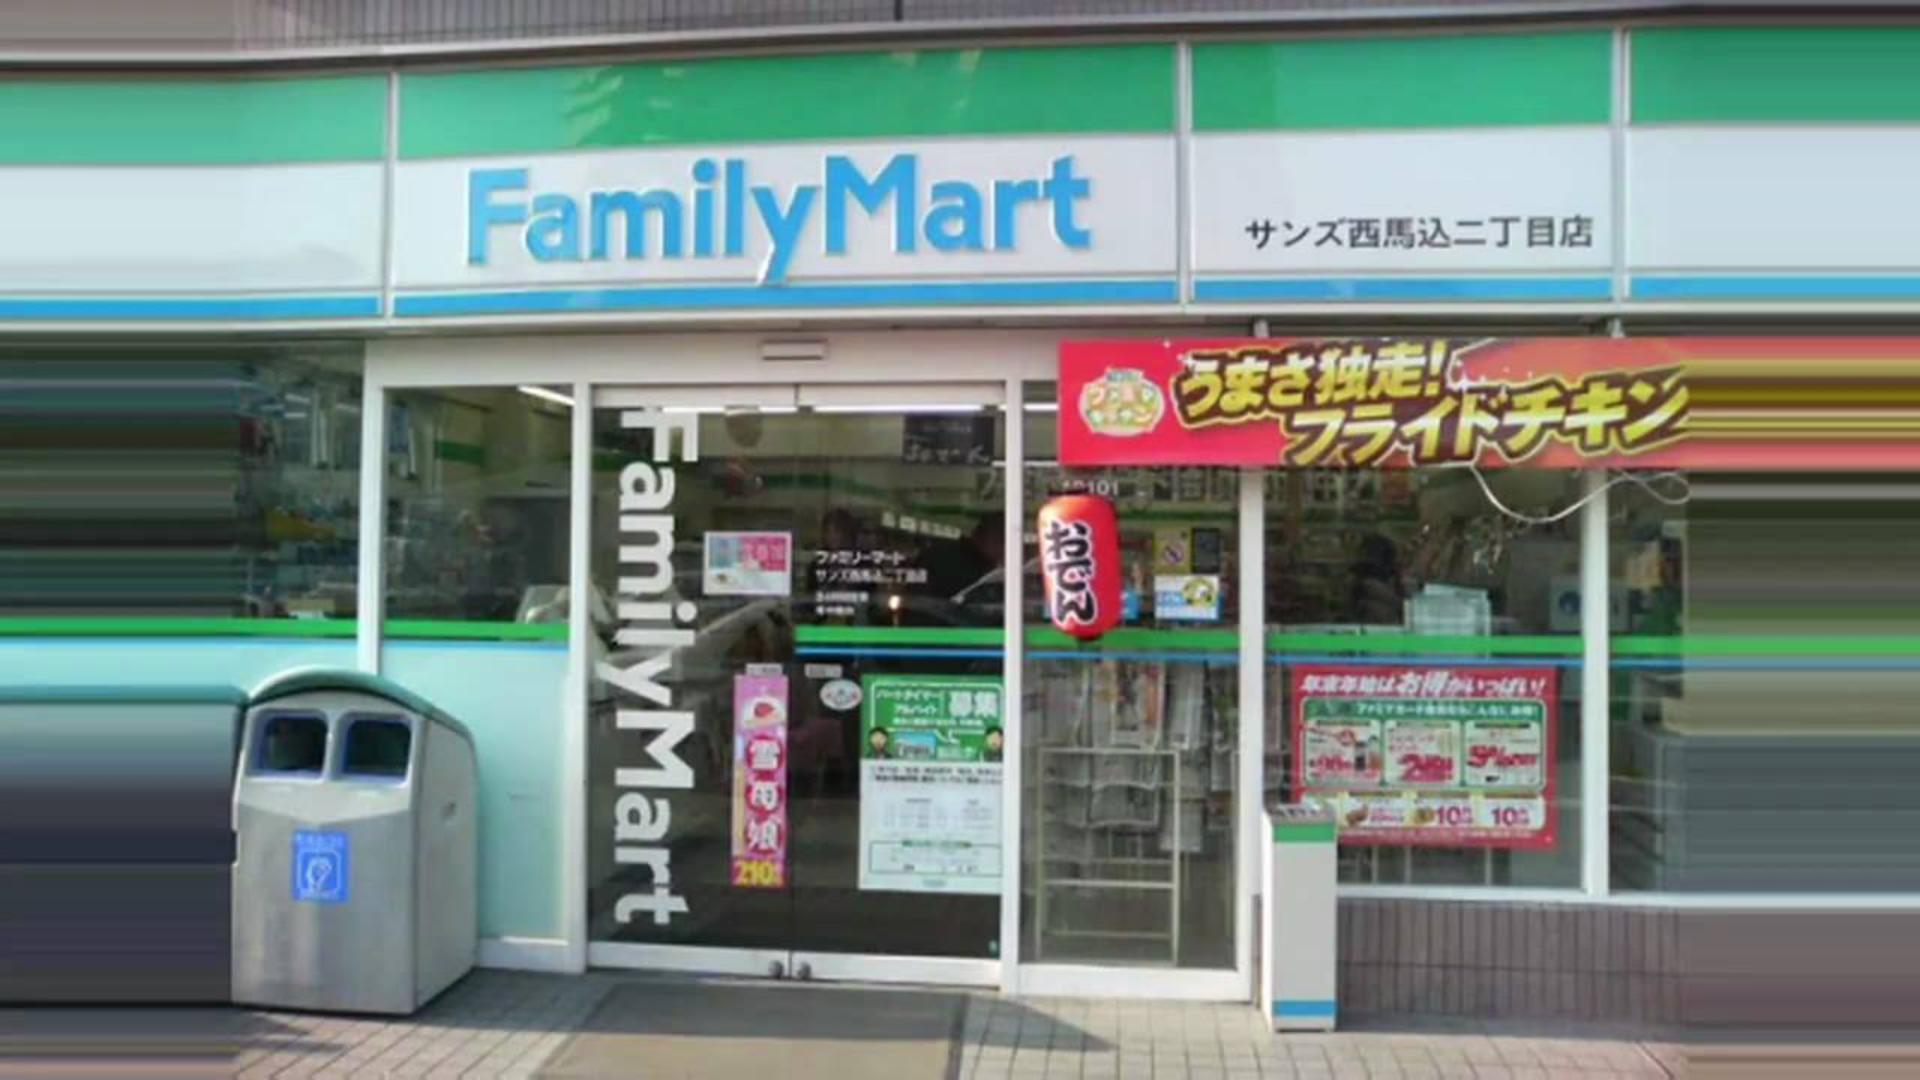 【音MAD/YTPMV】森の妖精がファミリーマートに入店したようです。よ。